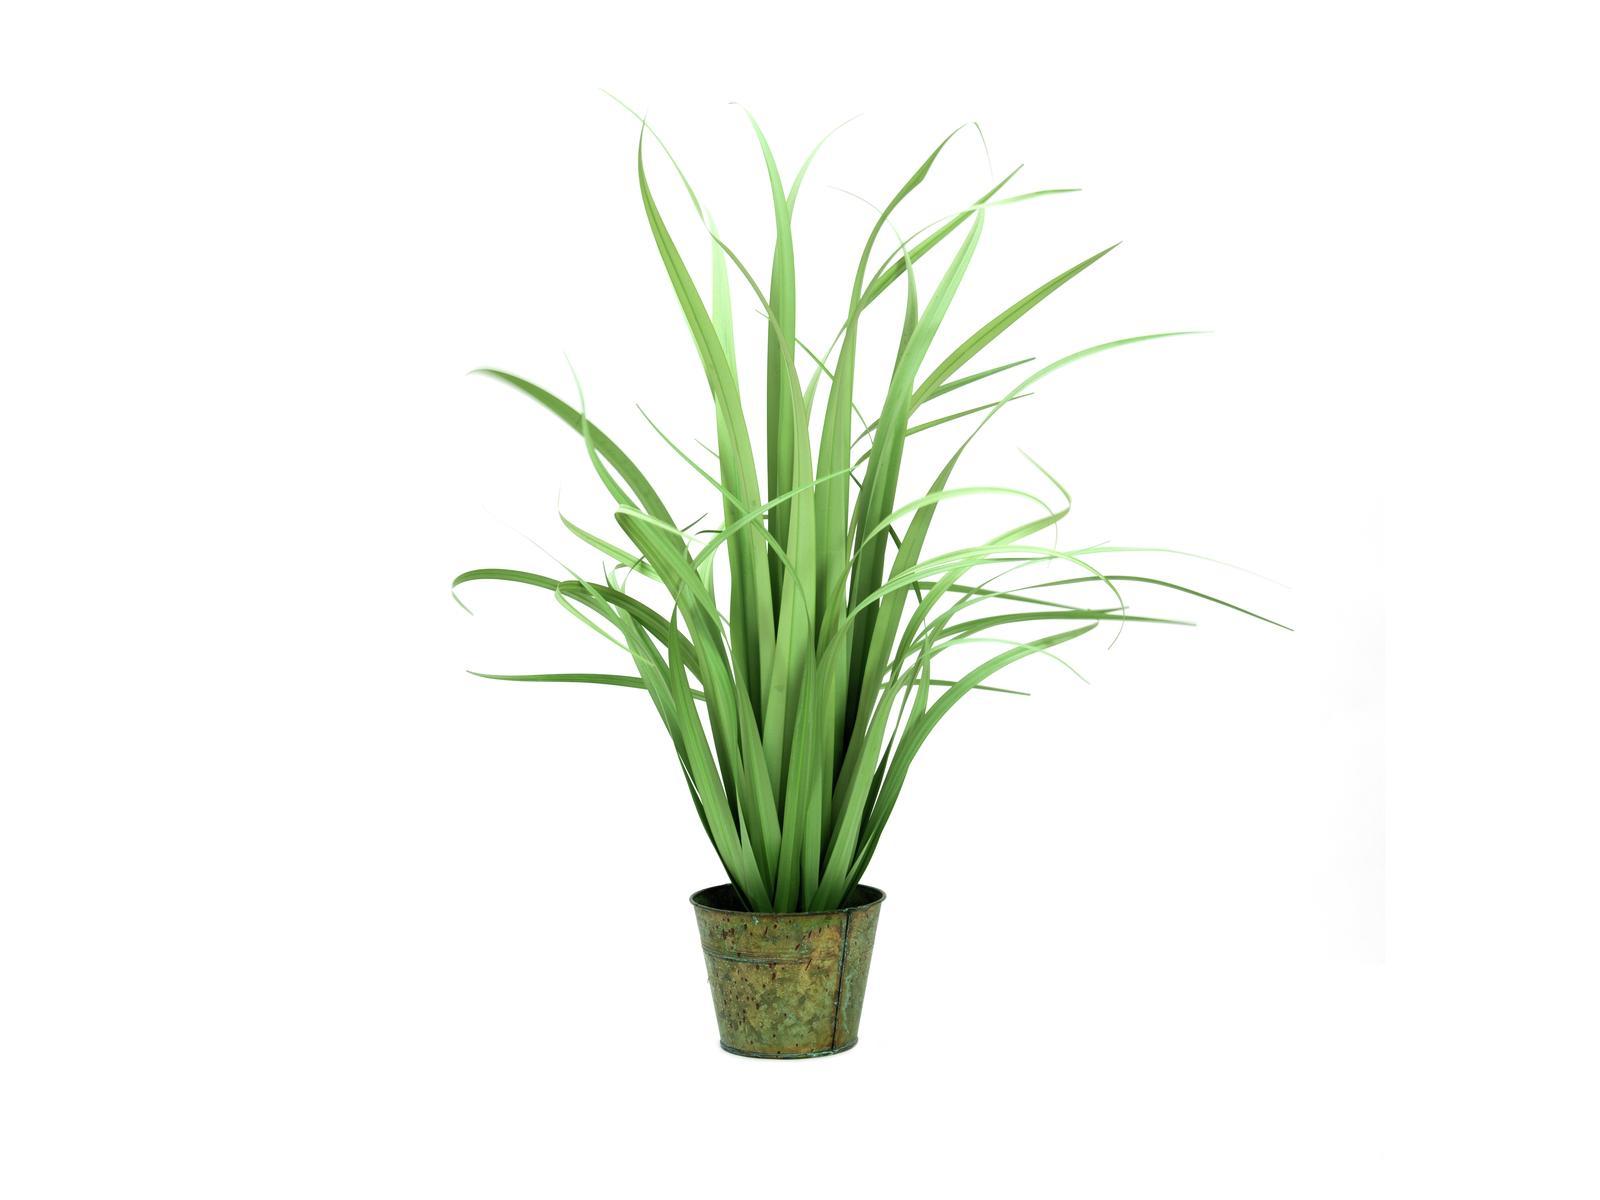 EUROPALMS Yuccabusch, schmale Blätter, künstlich, 80cm